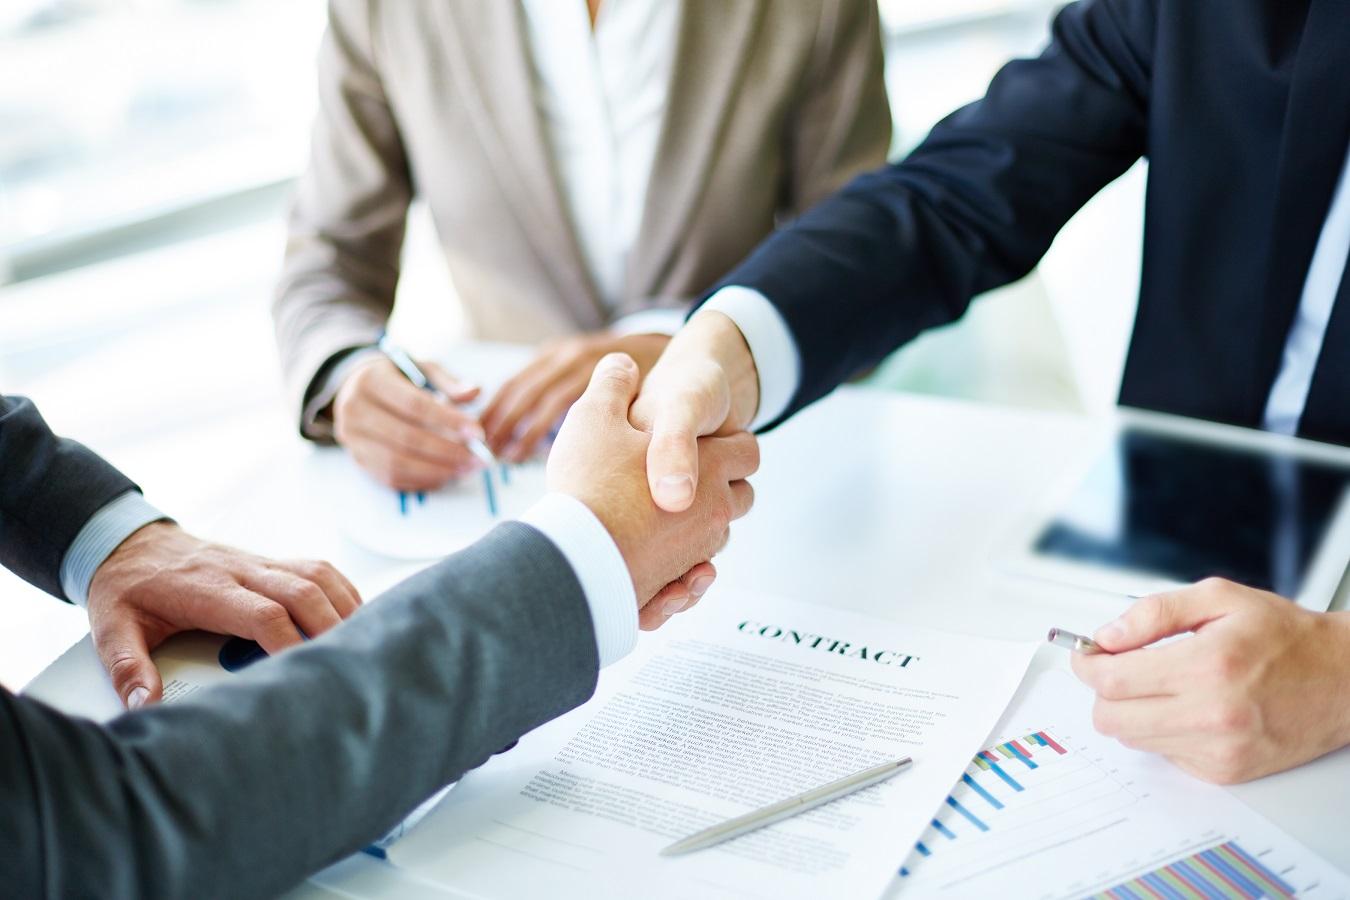 Acionista dissidente: como funciona o direito de recesso em uma companhia?